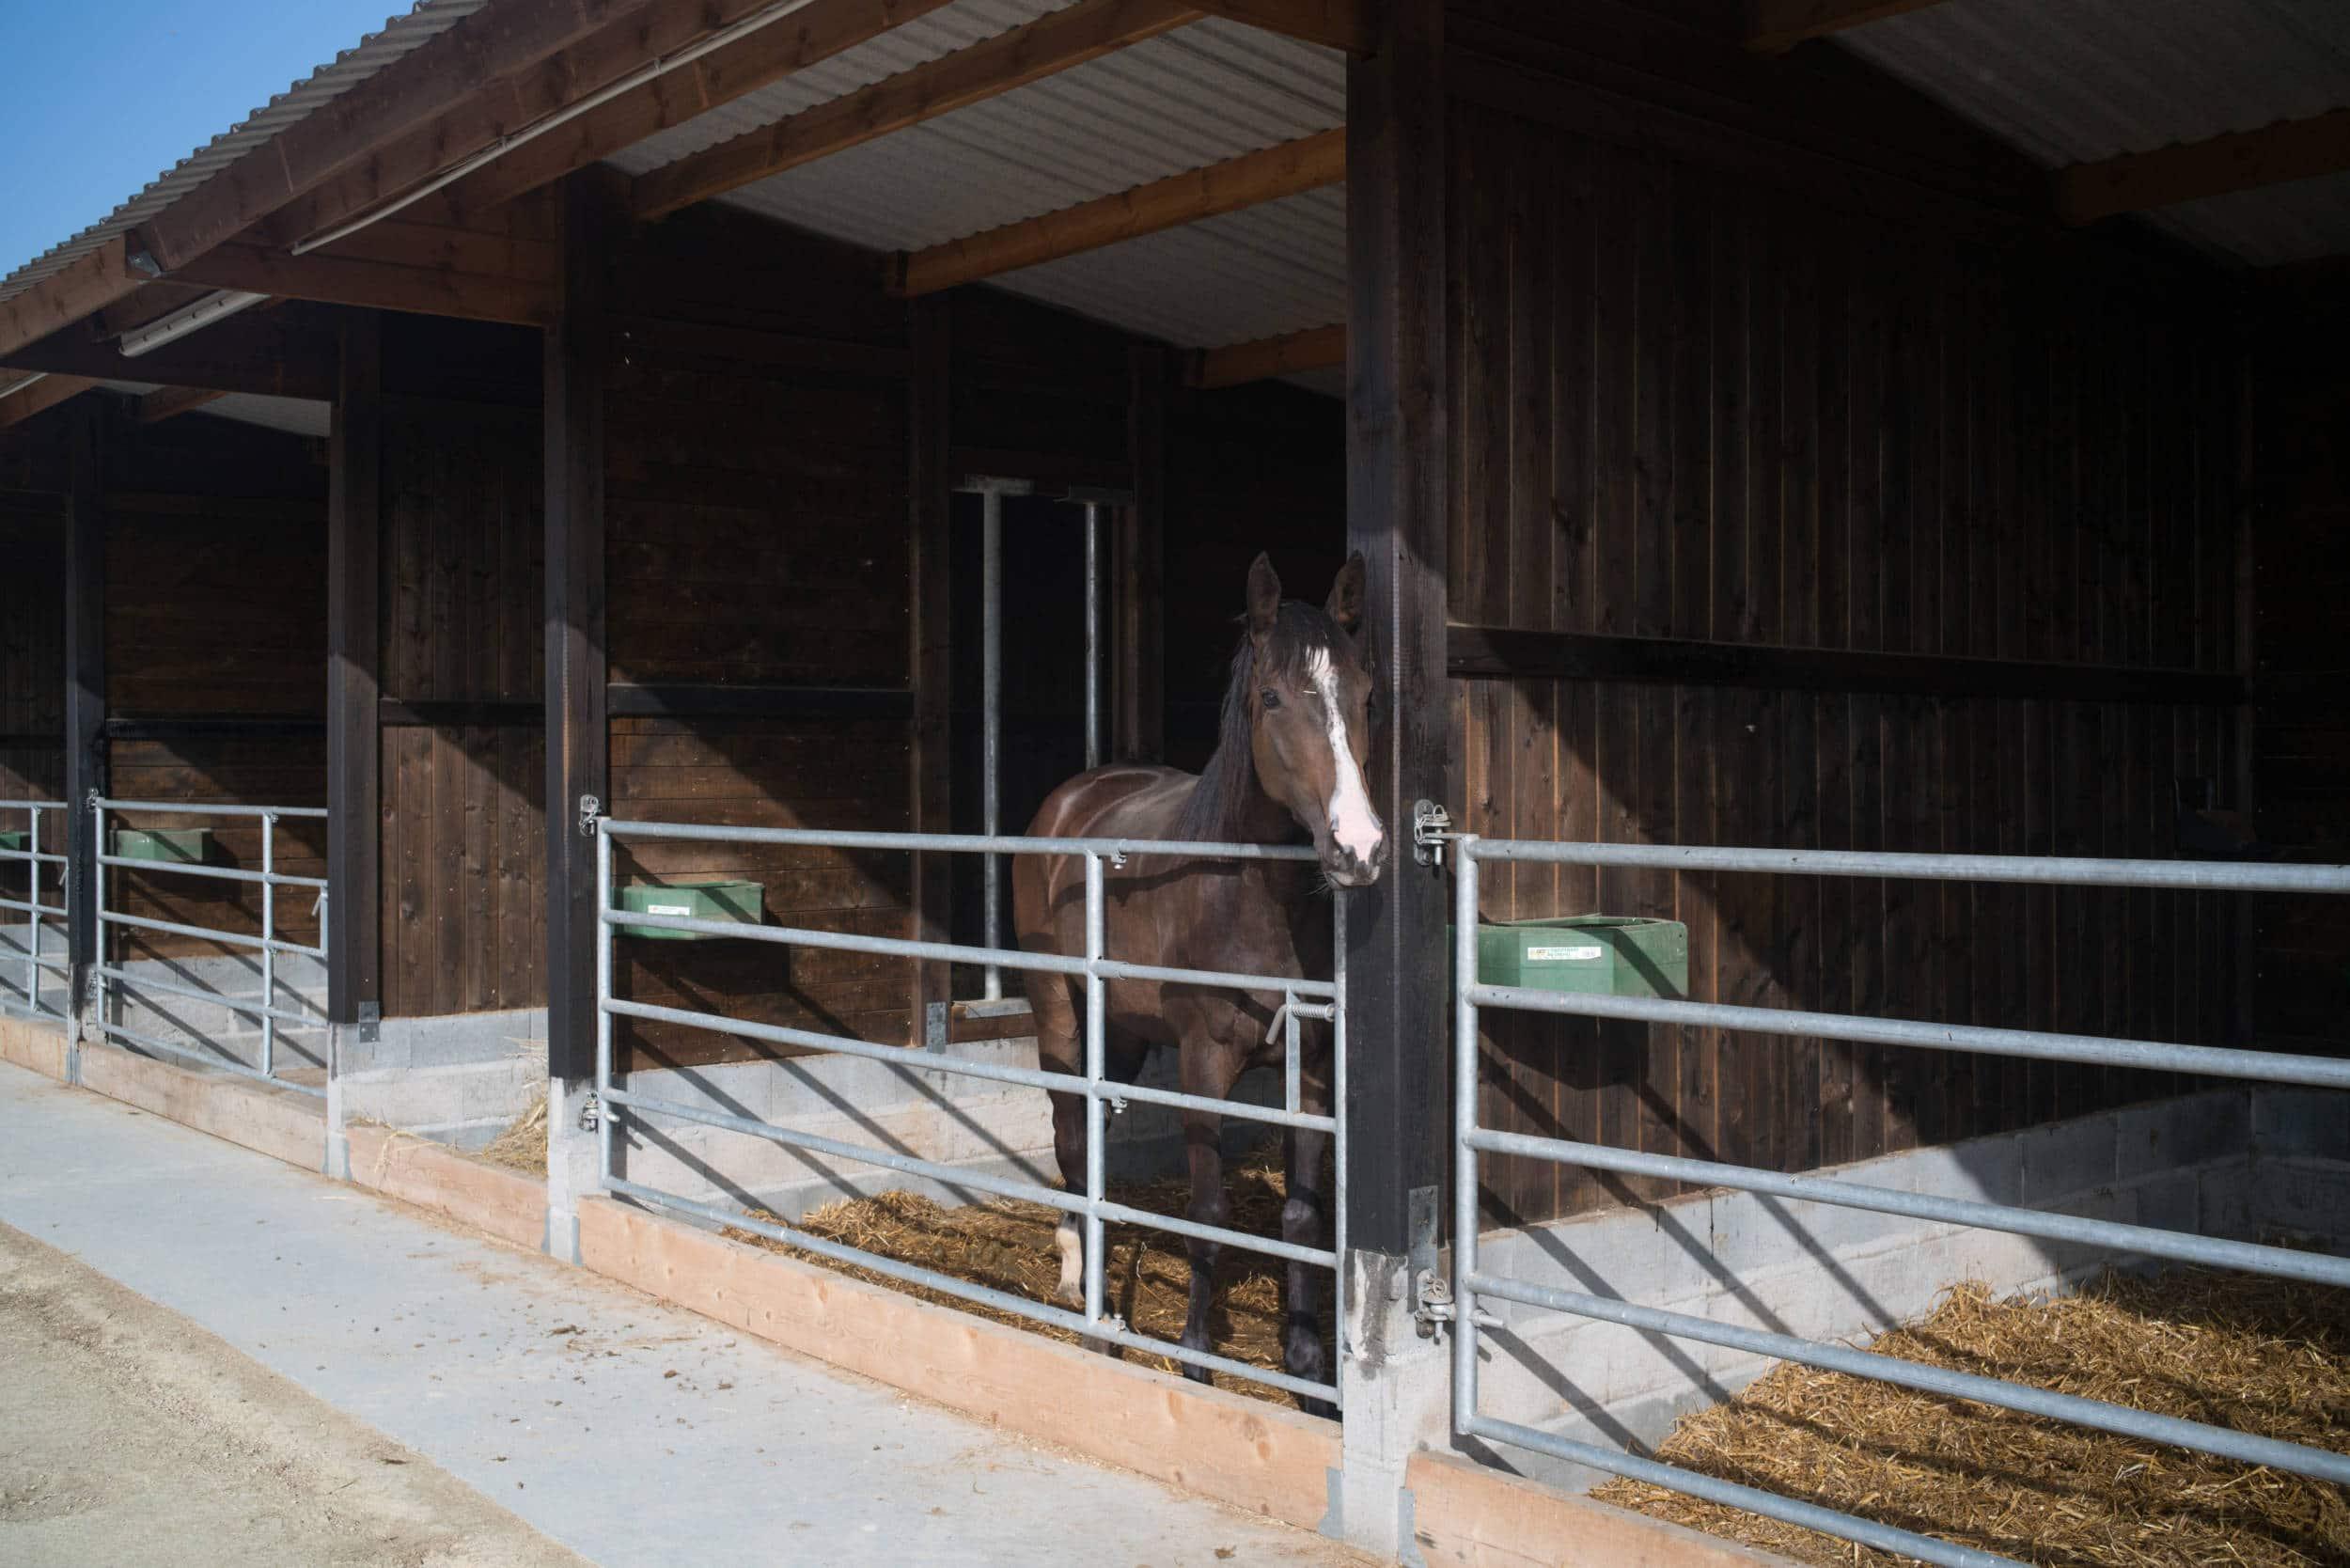 Dans l'un des box qui se succèdent, un cheval bai portant une marque blanche des oreilles à la bouche passe la tête par dessus la barrière.